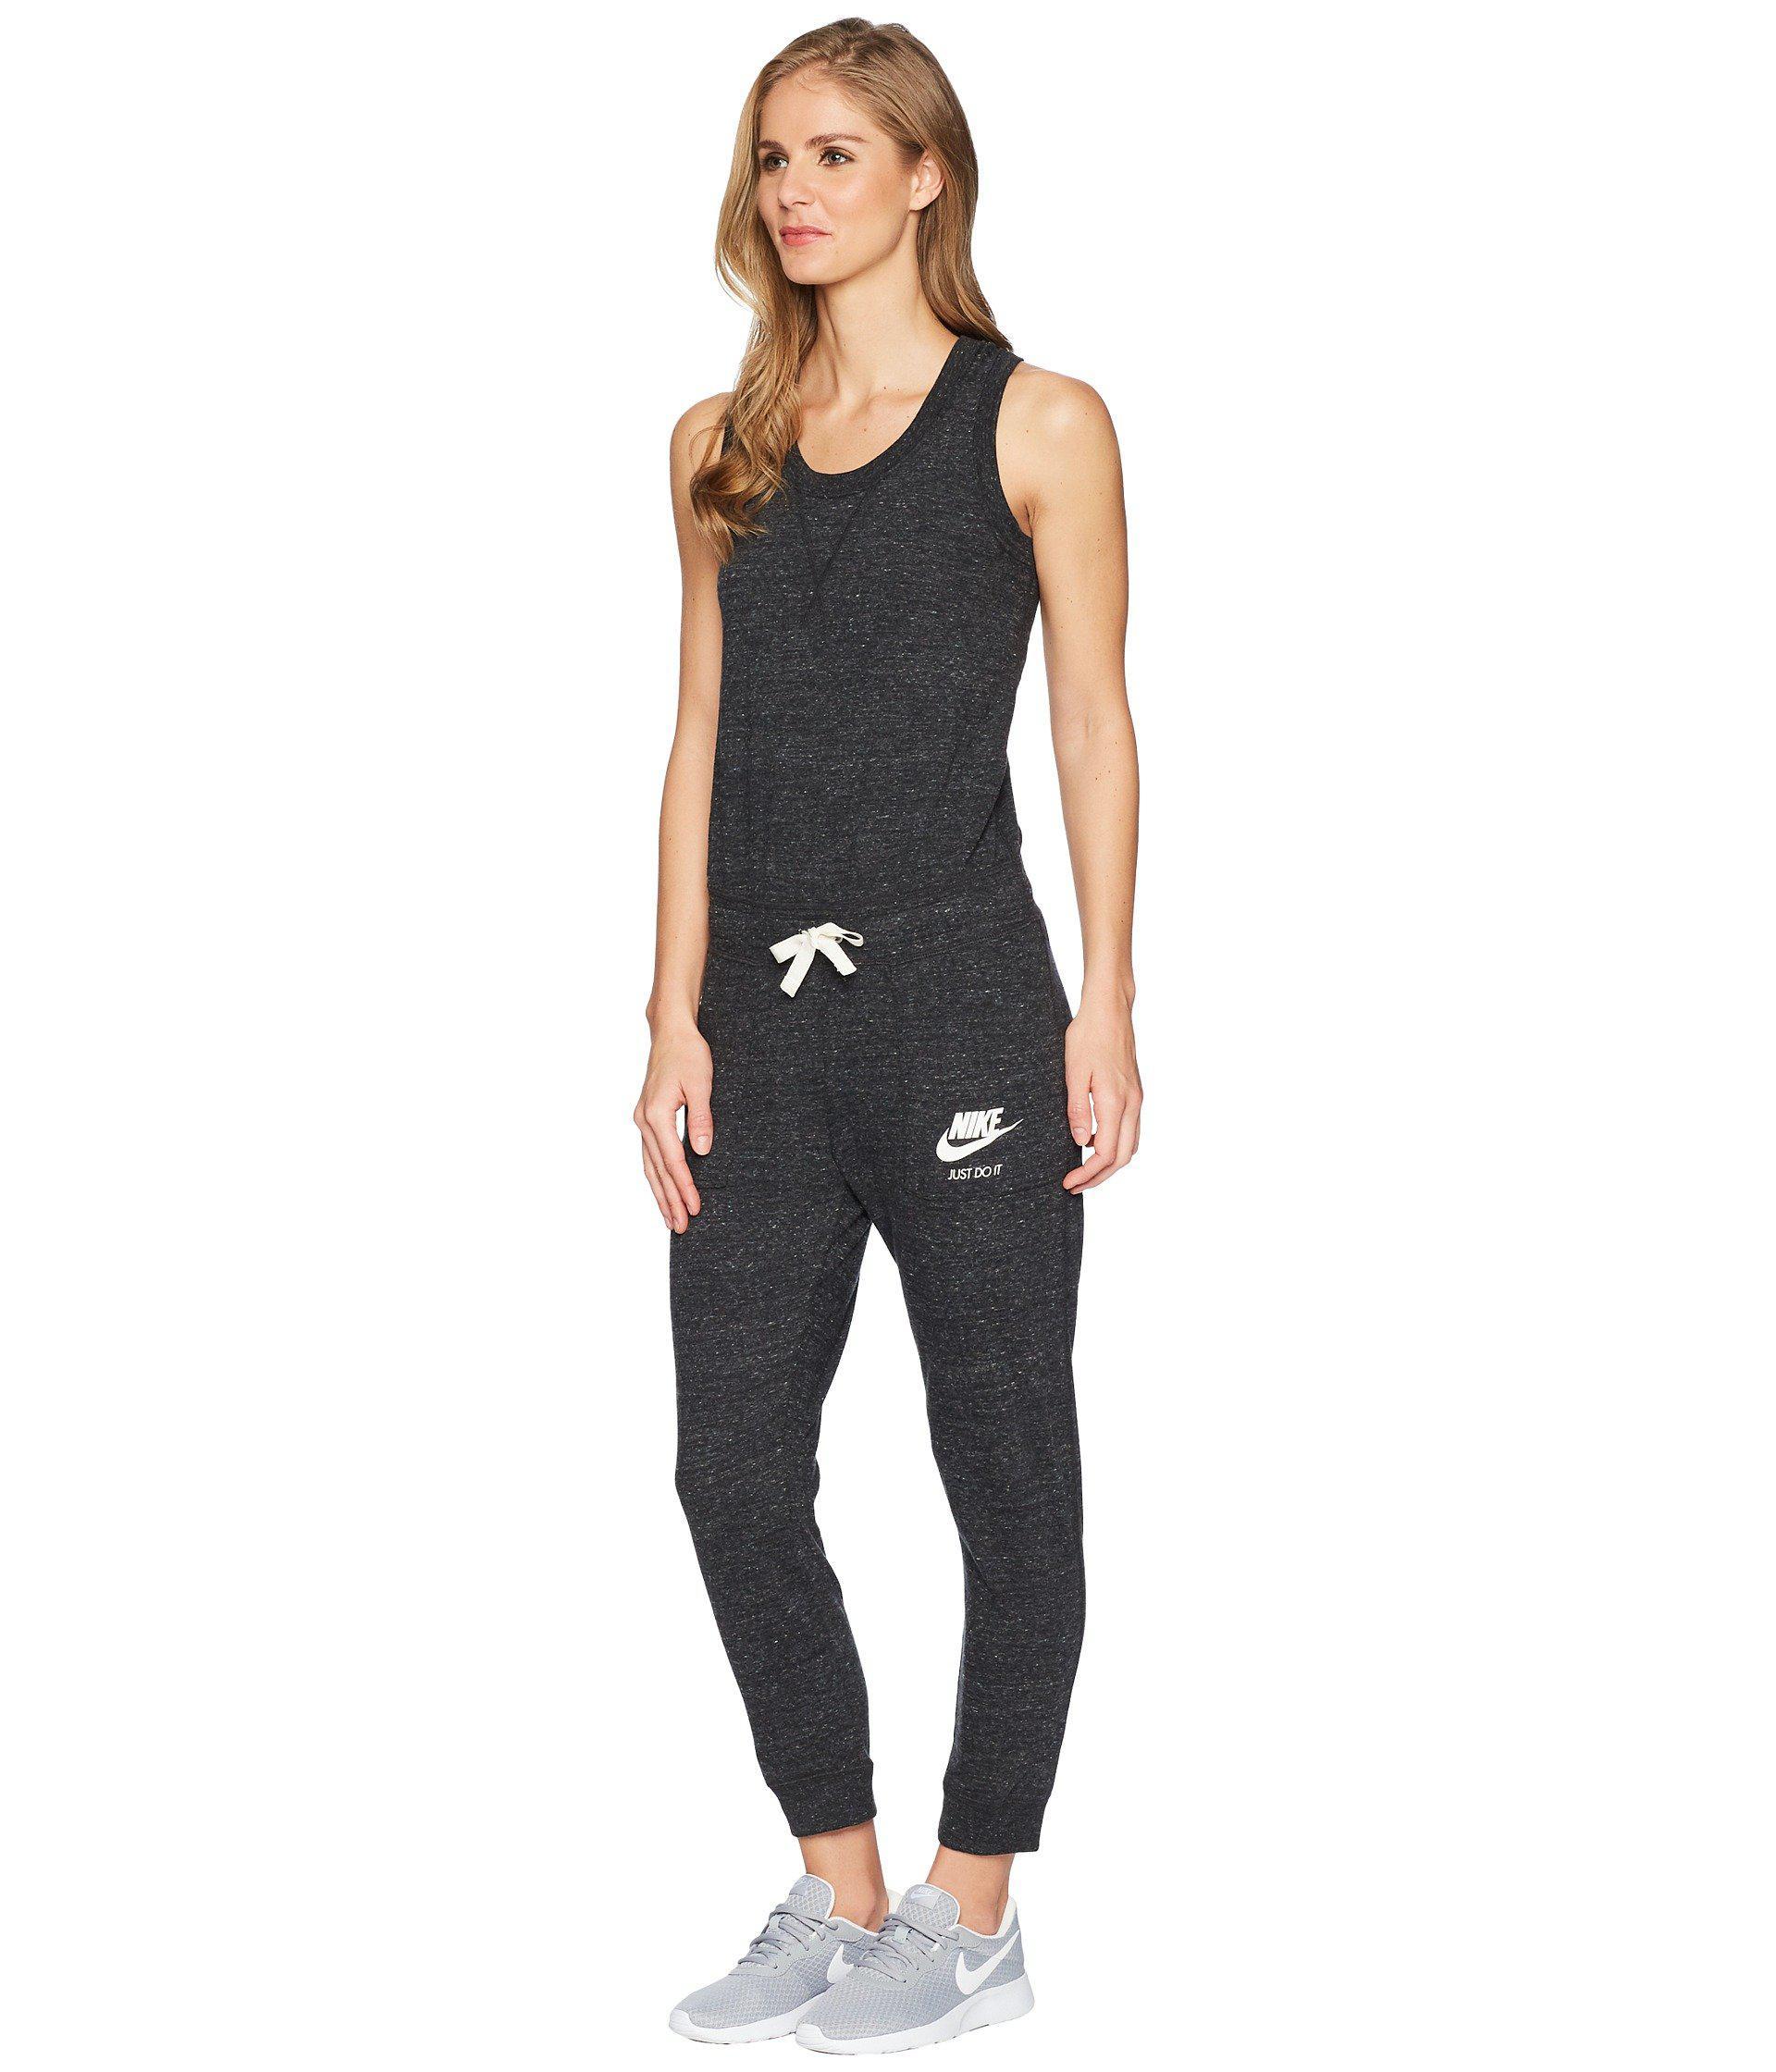 58027d2fd75f Lyst - Nike Sportswear Gym Vintage Romper (black sail) Women s Jumpsuit    Rompers One Piece in Black